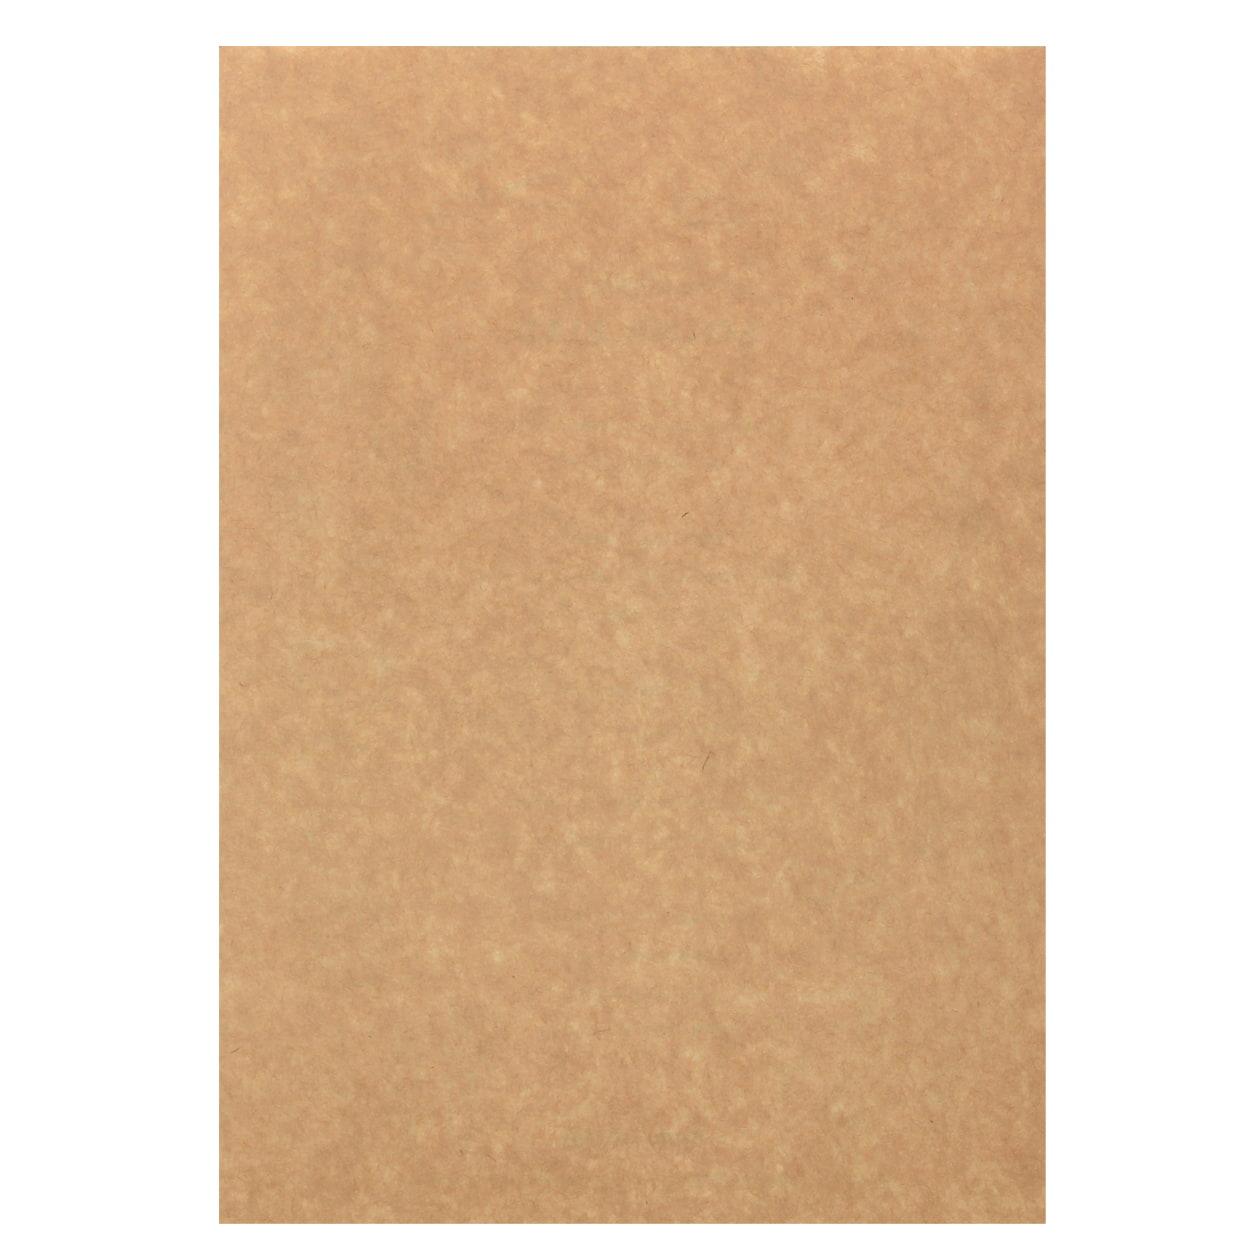 サンプル カード・シート 00372